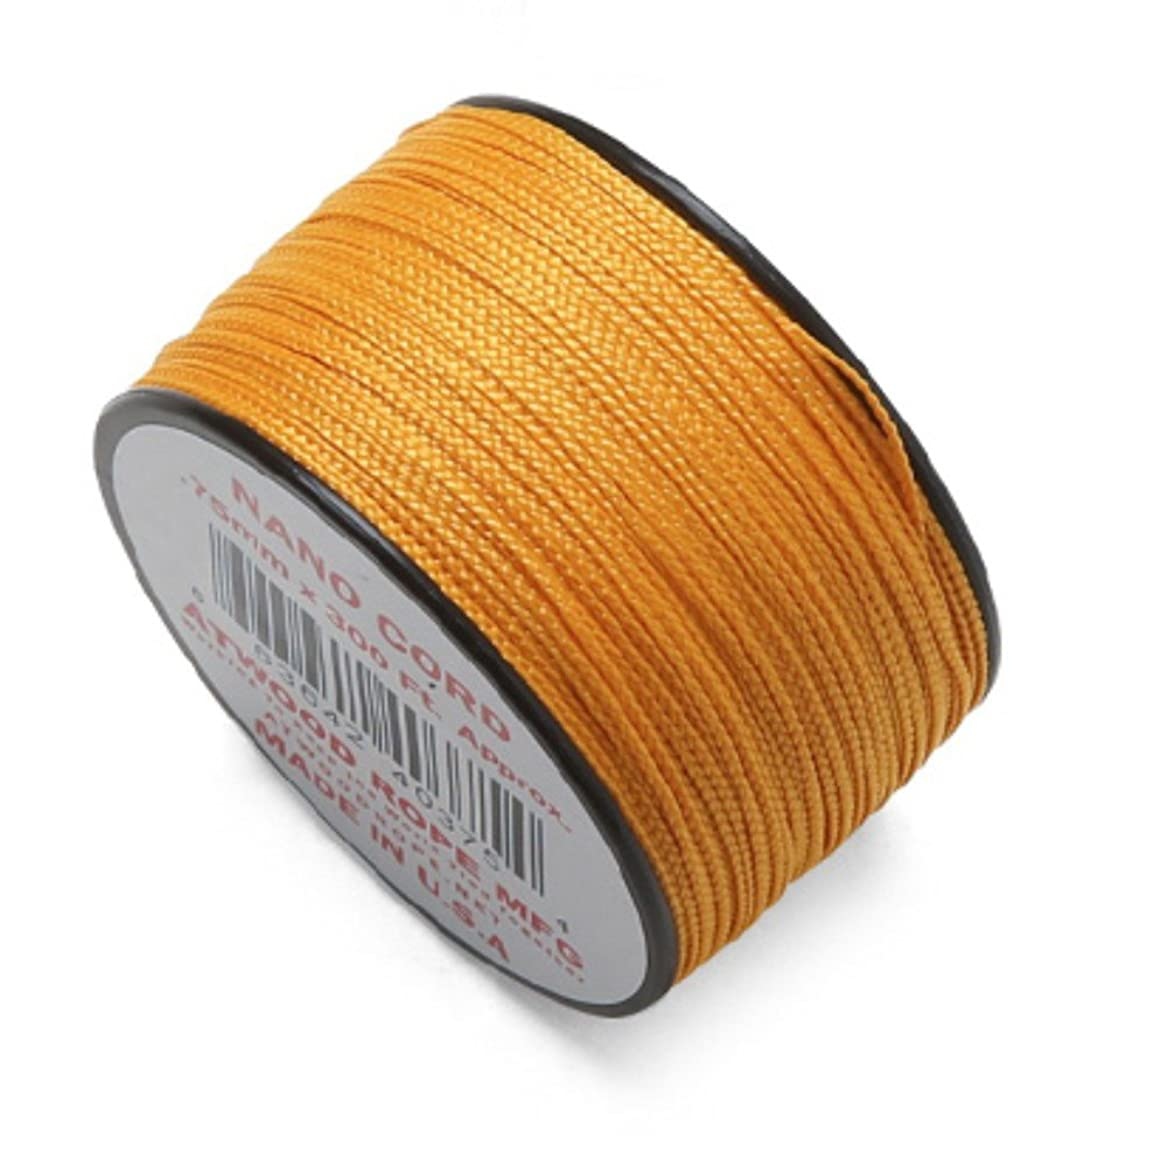 セント付録社会ATWOOD ROPE MFG. アトウッド?ロープ 0.75mm × 300フィート NANOコード MADE IN USA